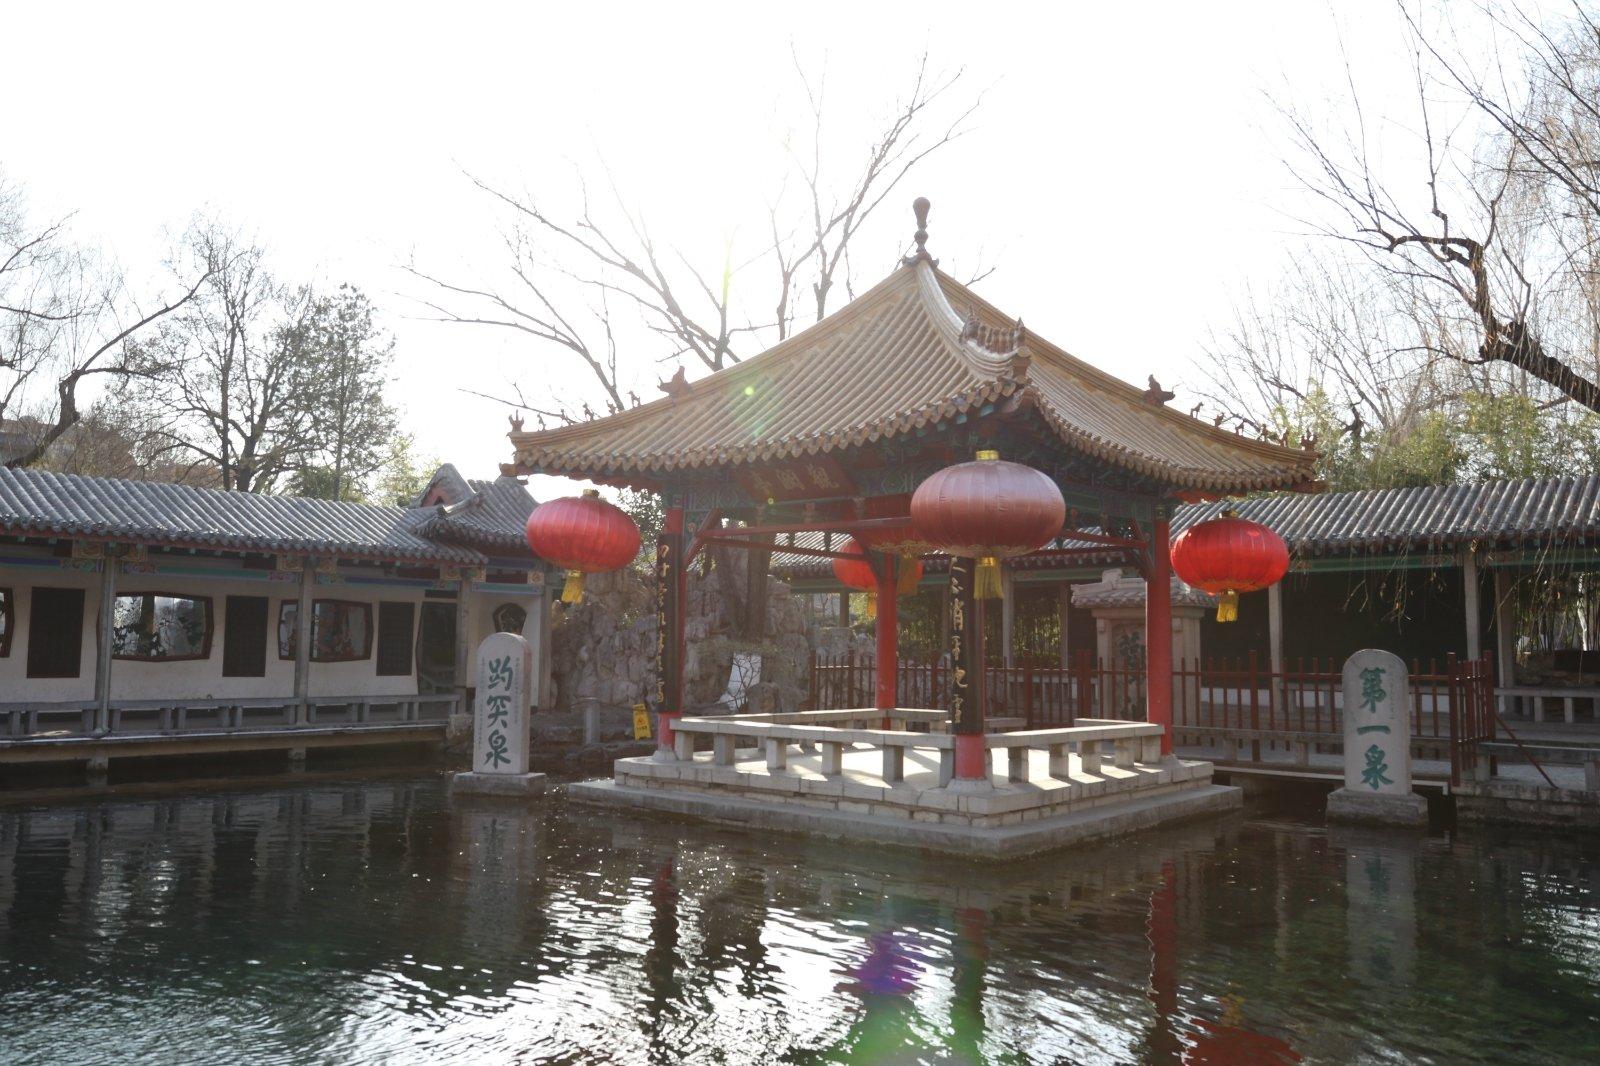 2018趵突泉景区游玩攻略,一边是楼阁彩绘,雕梁画栋,.